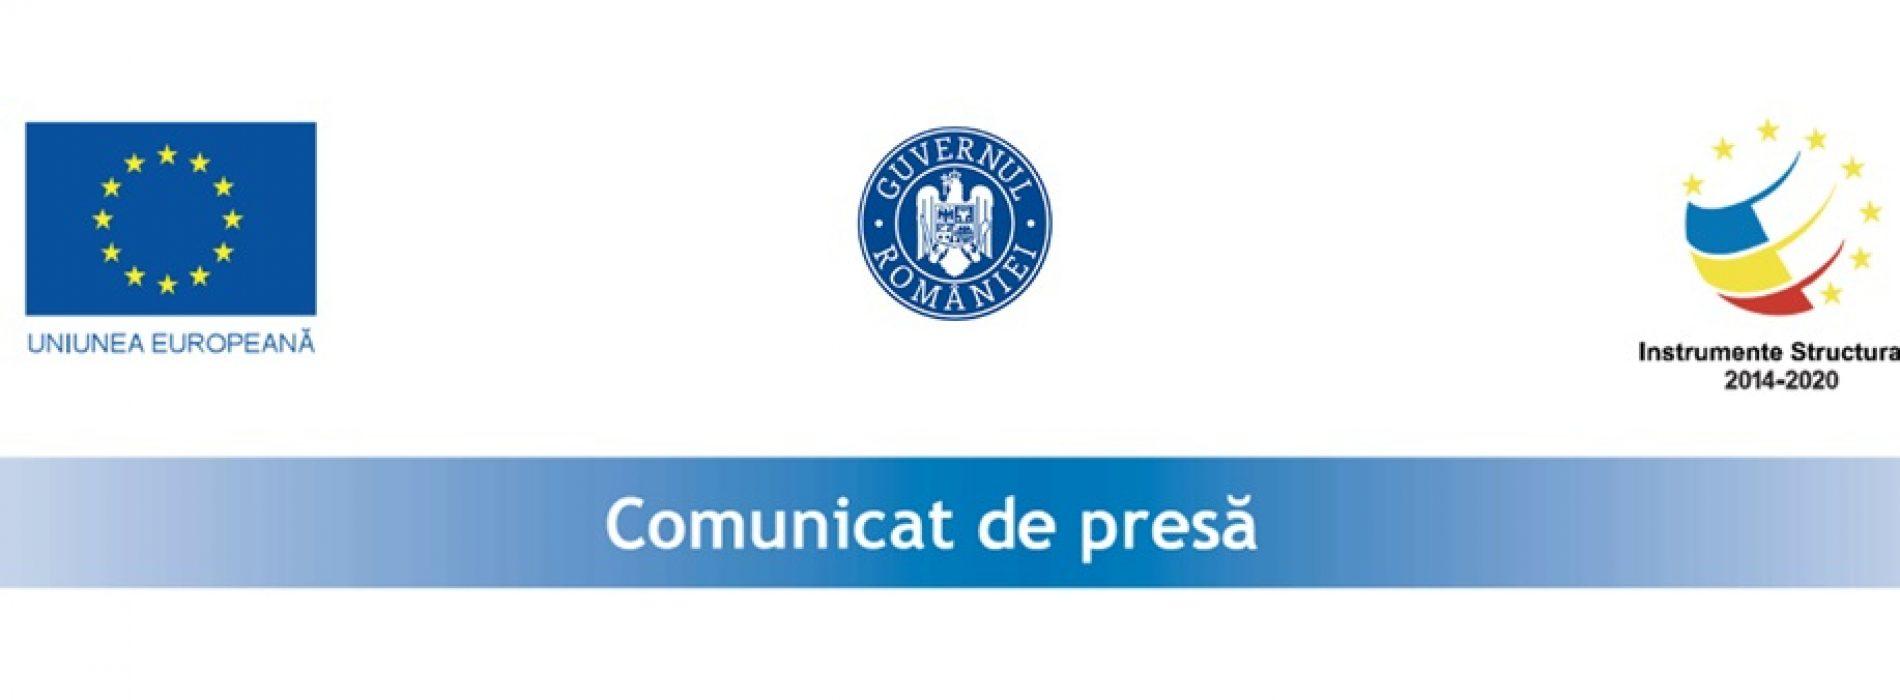 PROIECT COFINANȚAT DIN FONDUL EUROPEAN DE DEZVOLTARE REGIONALA PRIN PROGRAMUL OPERAȚIONAL COMPETITIVITATE